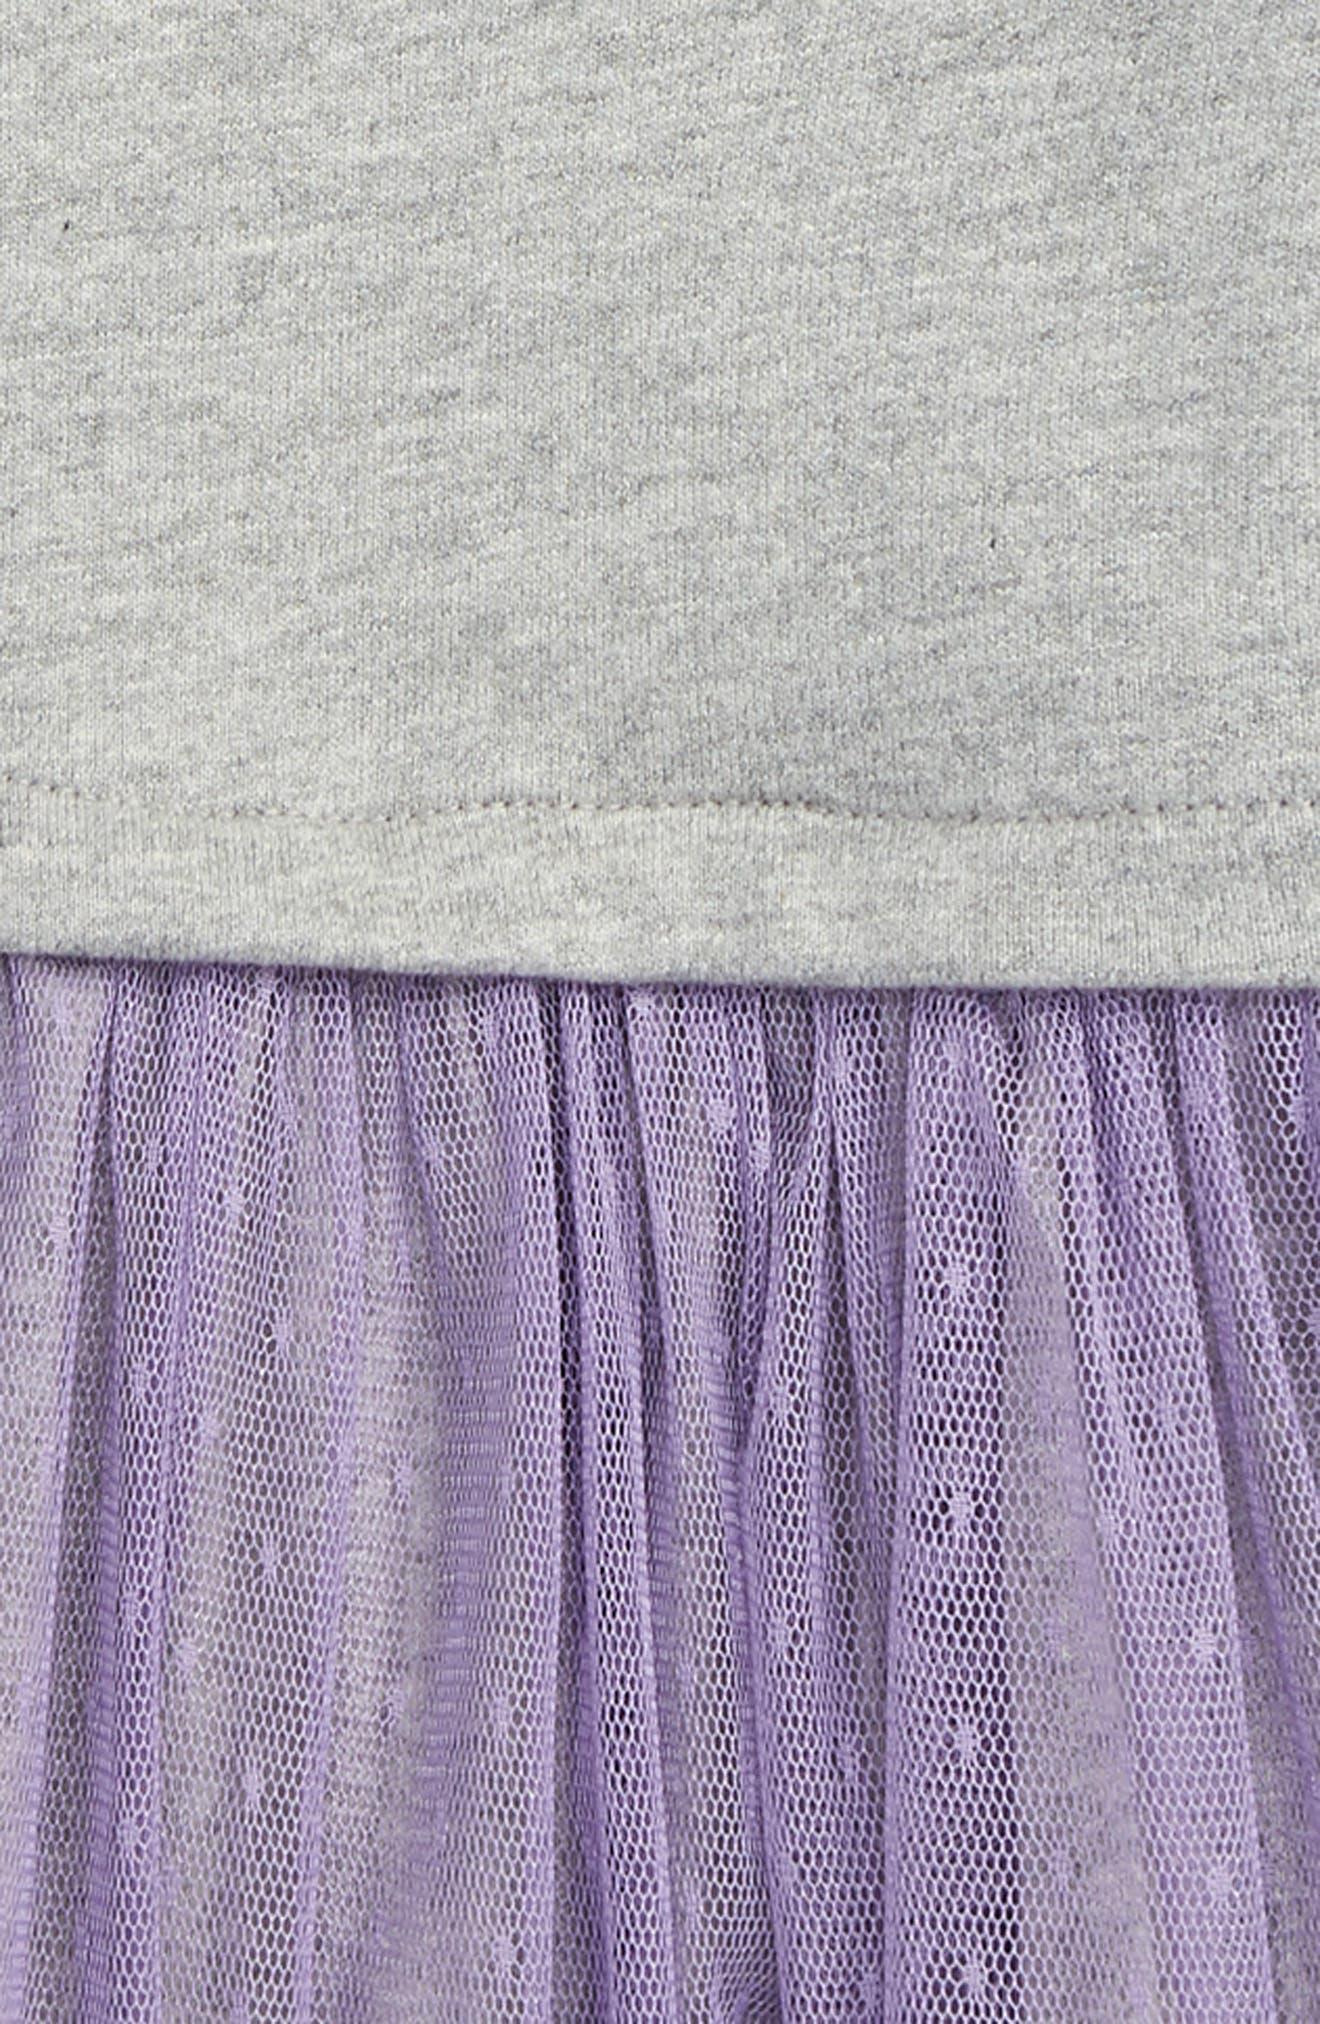 Tulle Skirted Dress,                             Alternate thumbnail 2, color,                             035